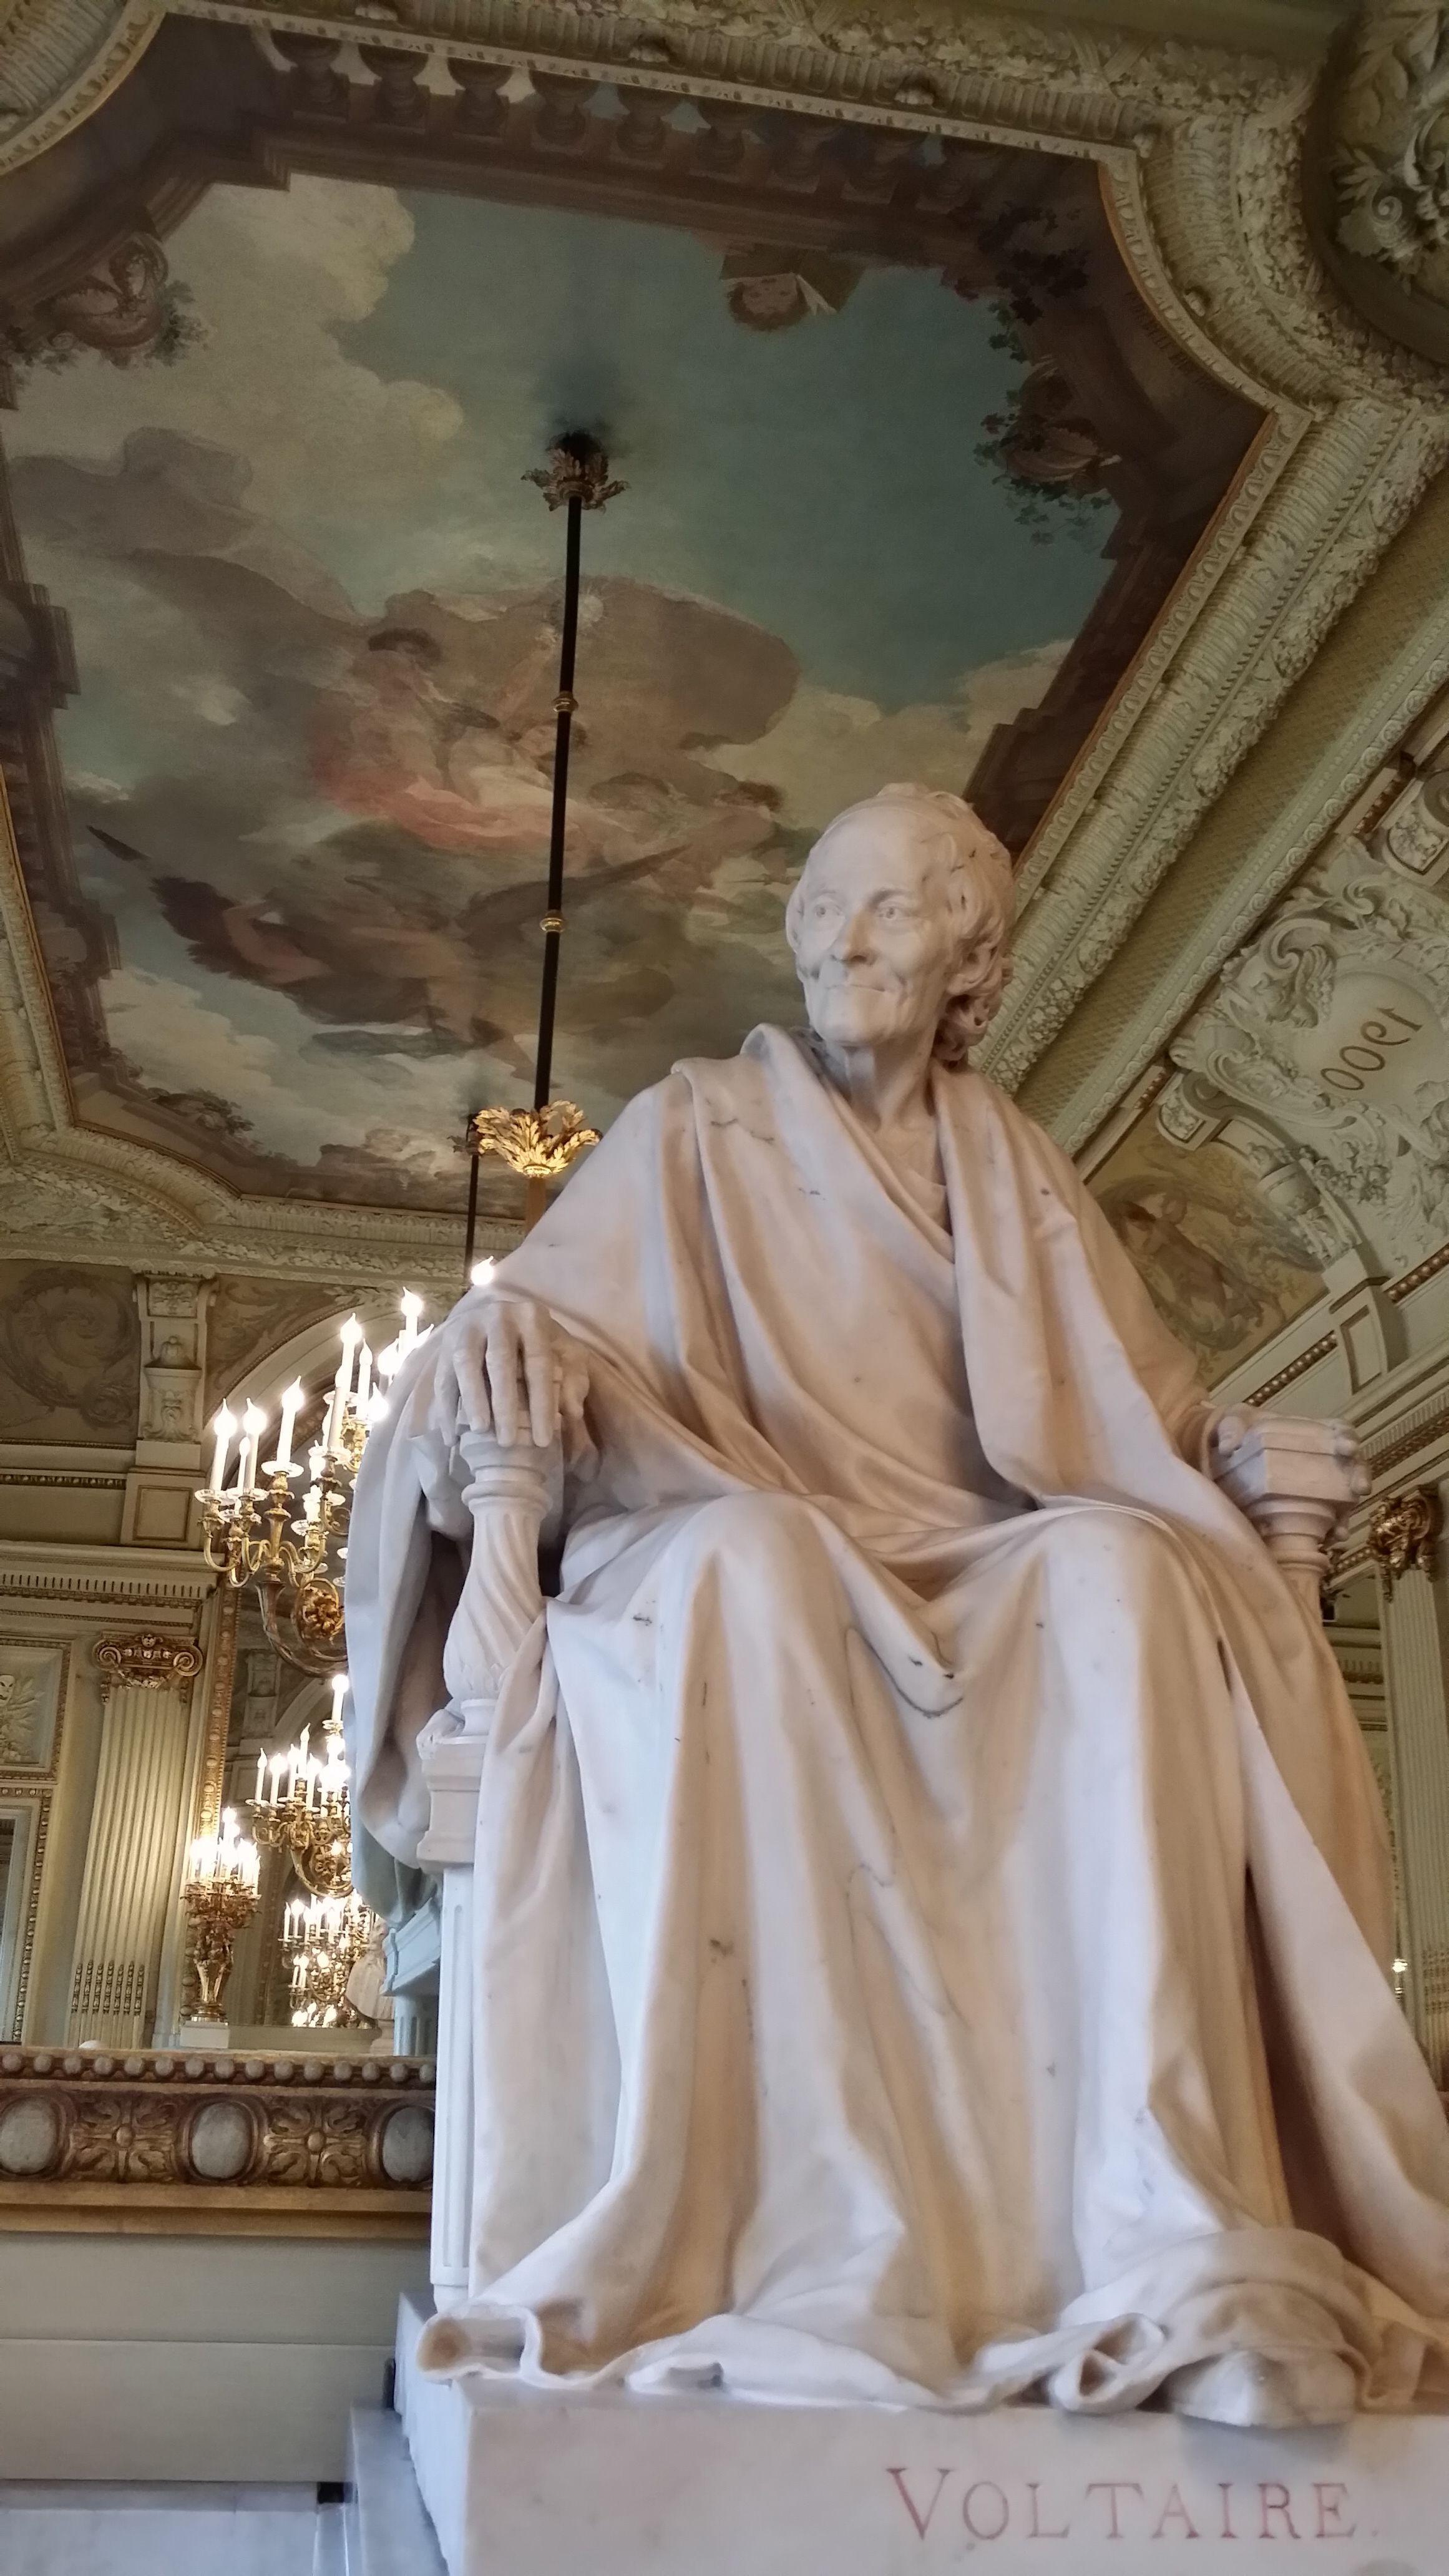 Statue de Voltaire sur la cheminée d'un salon de la Comédie-Française